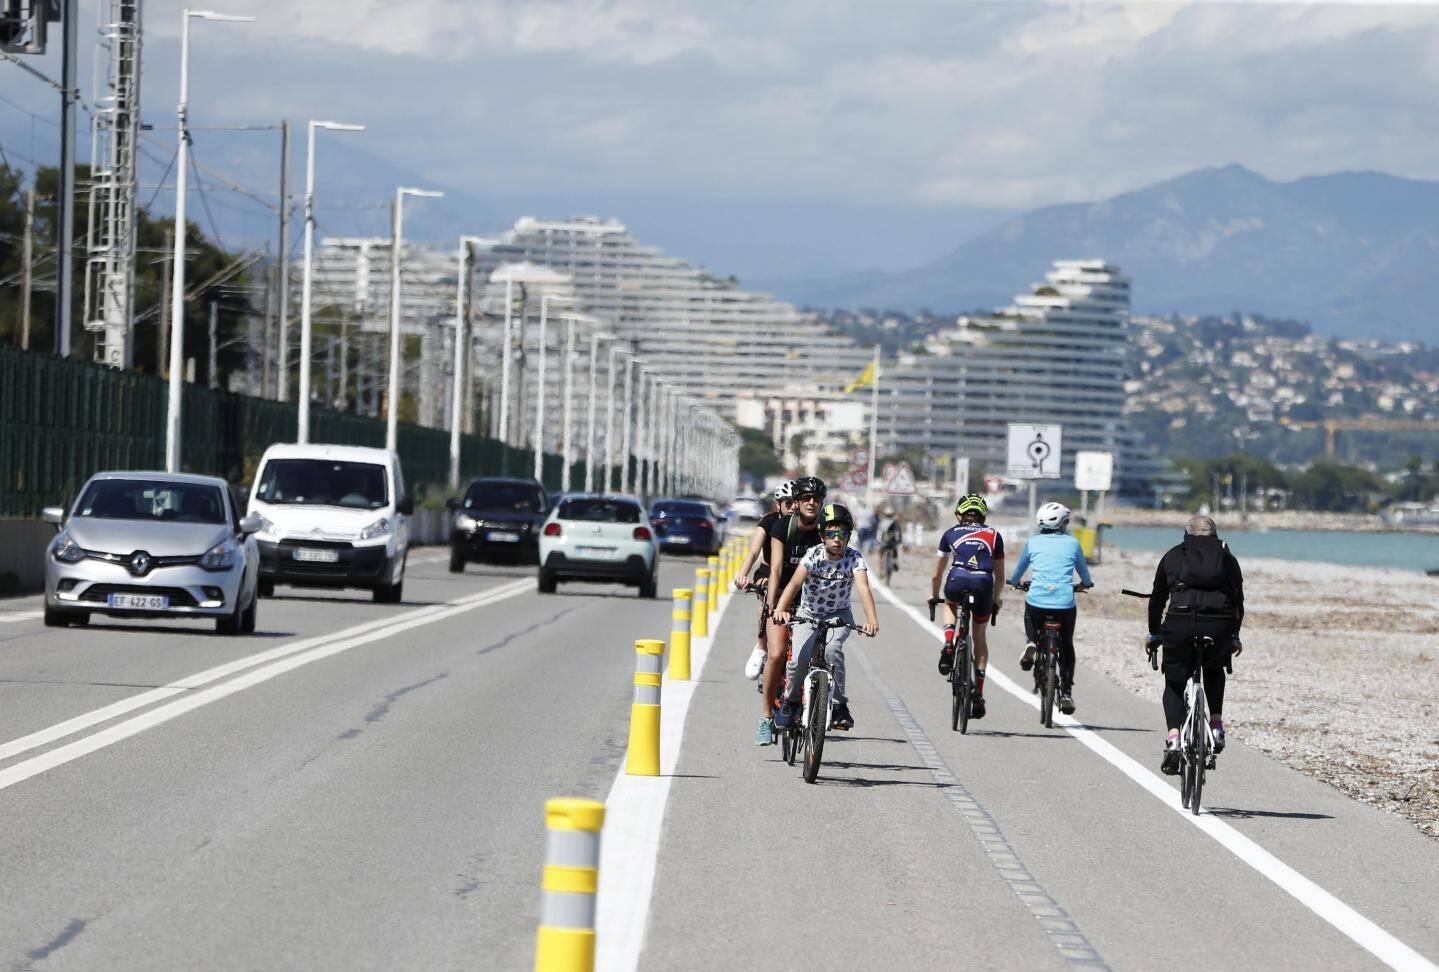 Villeneuve Loubet, la nouvelle piste cyclable sur le bord de mer entre Antibes et Villeneuve.